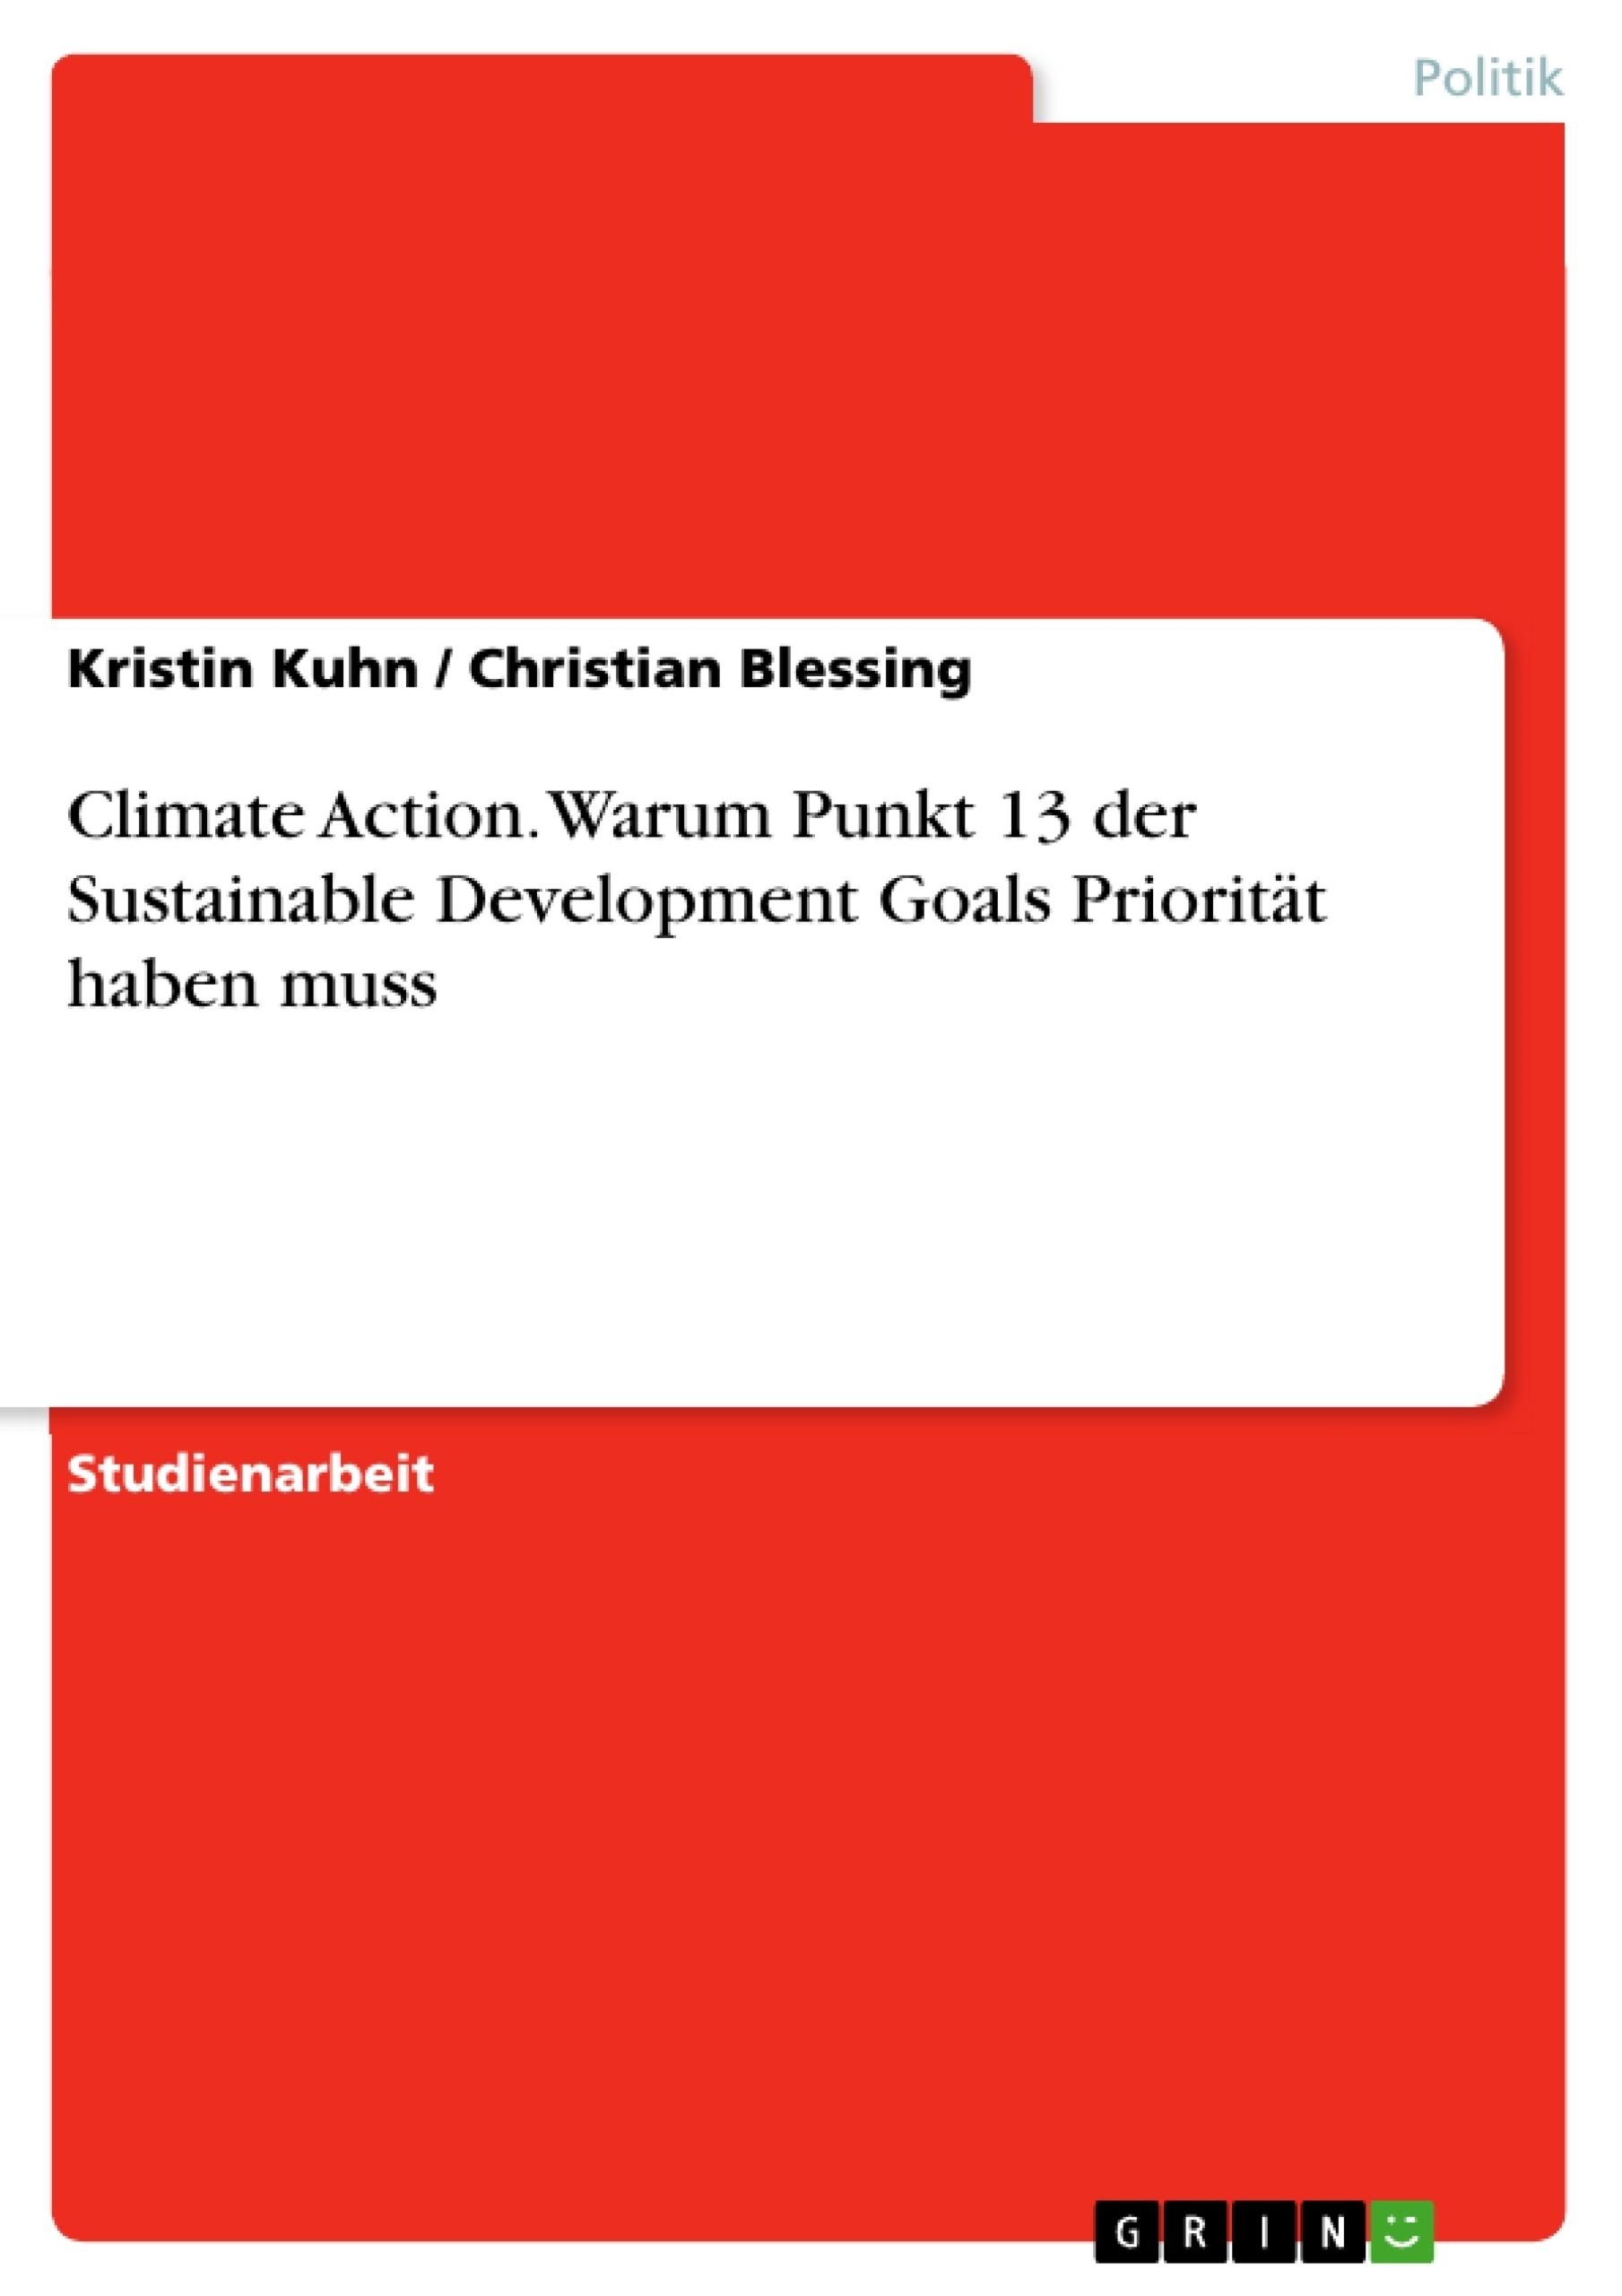 Titel: Climate Action. Warum Punkt 13 der Sustainable Development Goals Priorität haben muss